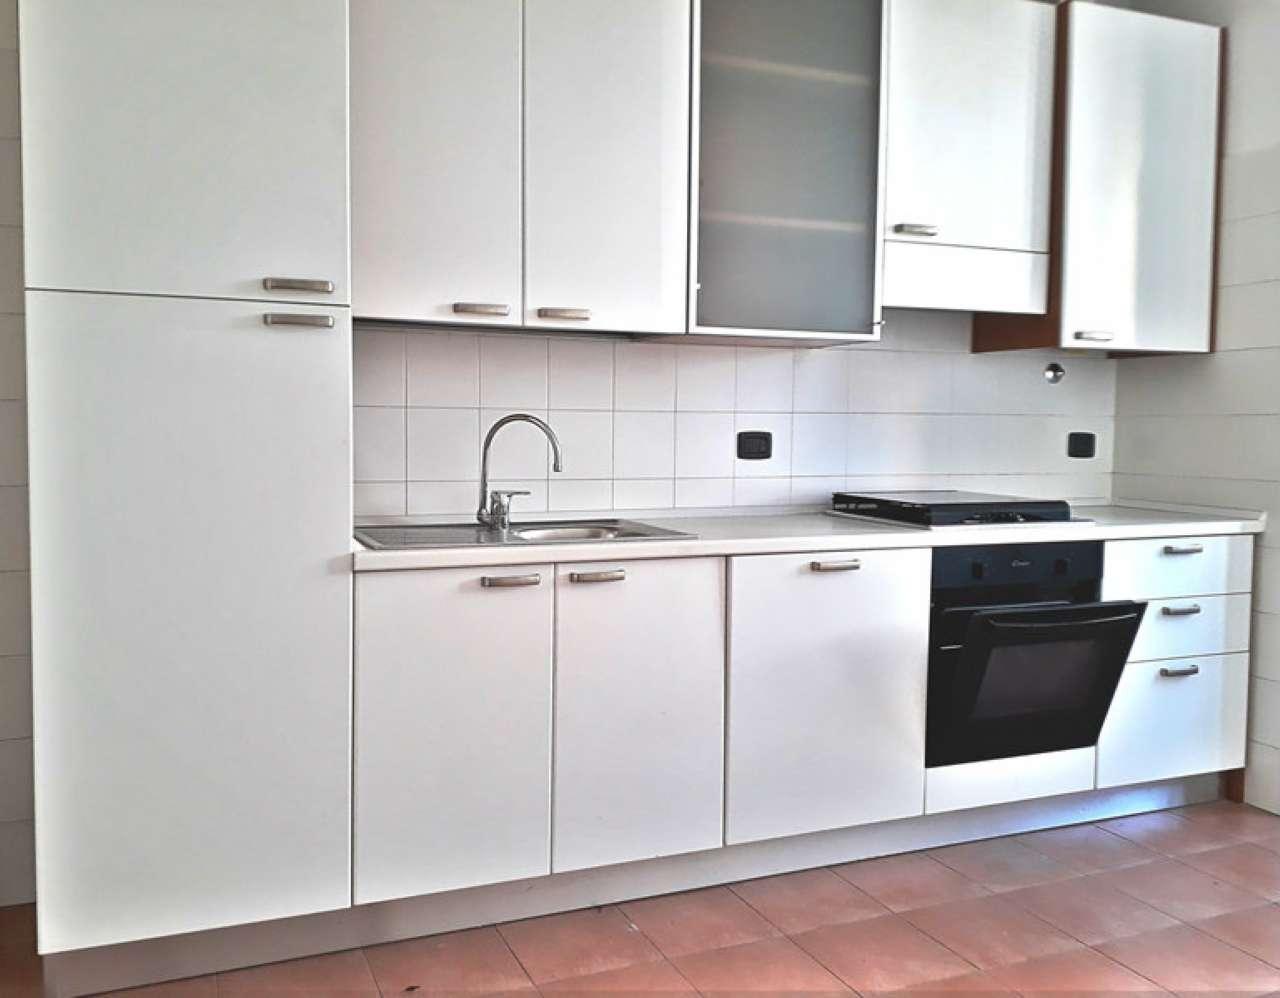 Appartamento in affitto Zona C.so Garibaldi, De Amicis, Cairoli,... - via Festa del Perdono 1 Milano